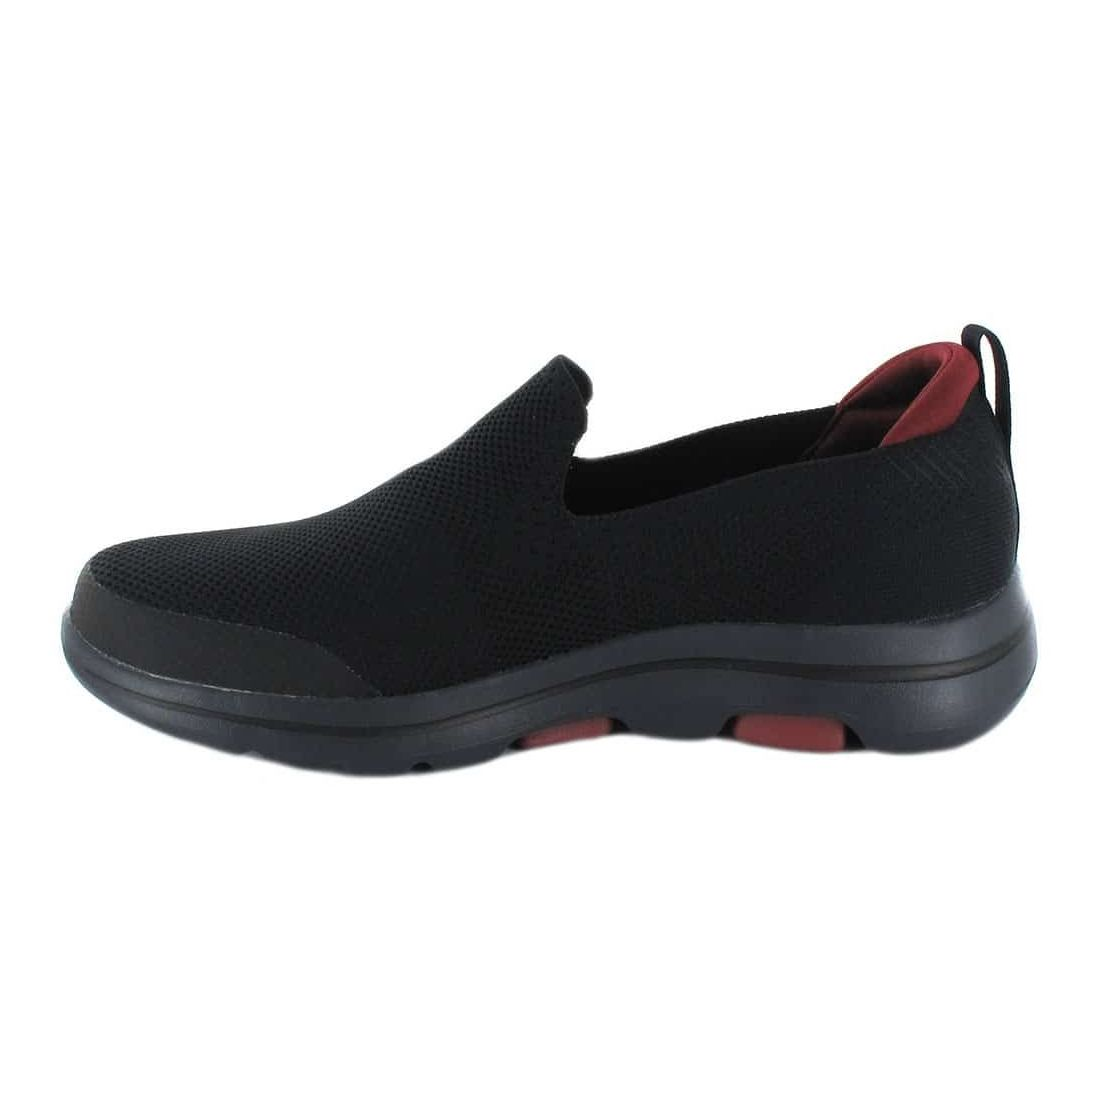 Skechers GOwalk 5 Noir Skechers Chaussures Casual Homme Lifestyle Tailles: 41, 42, 43, 44, 45, 46; Couleur: noir